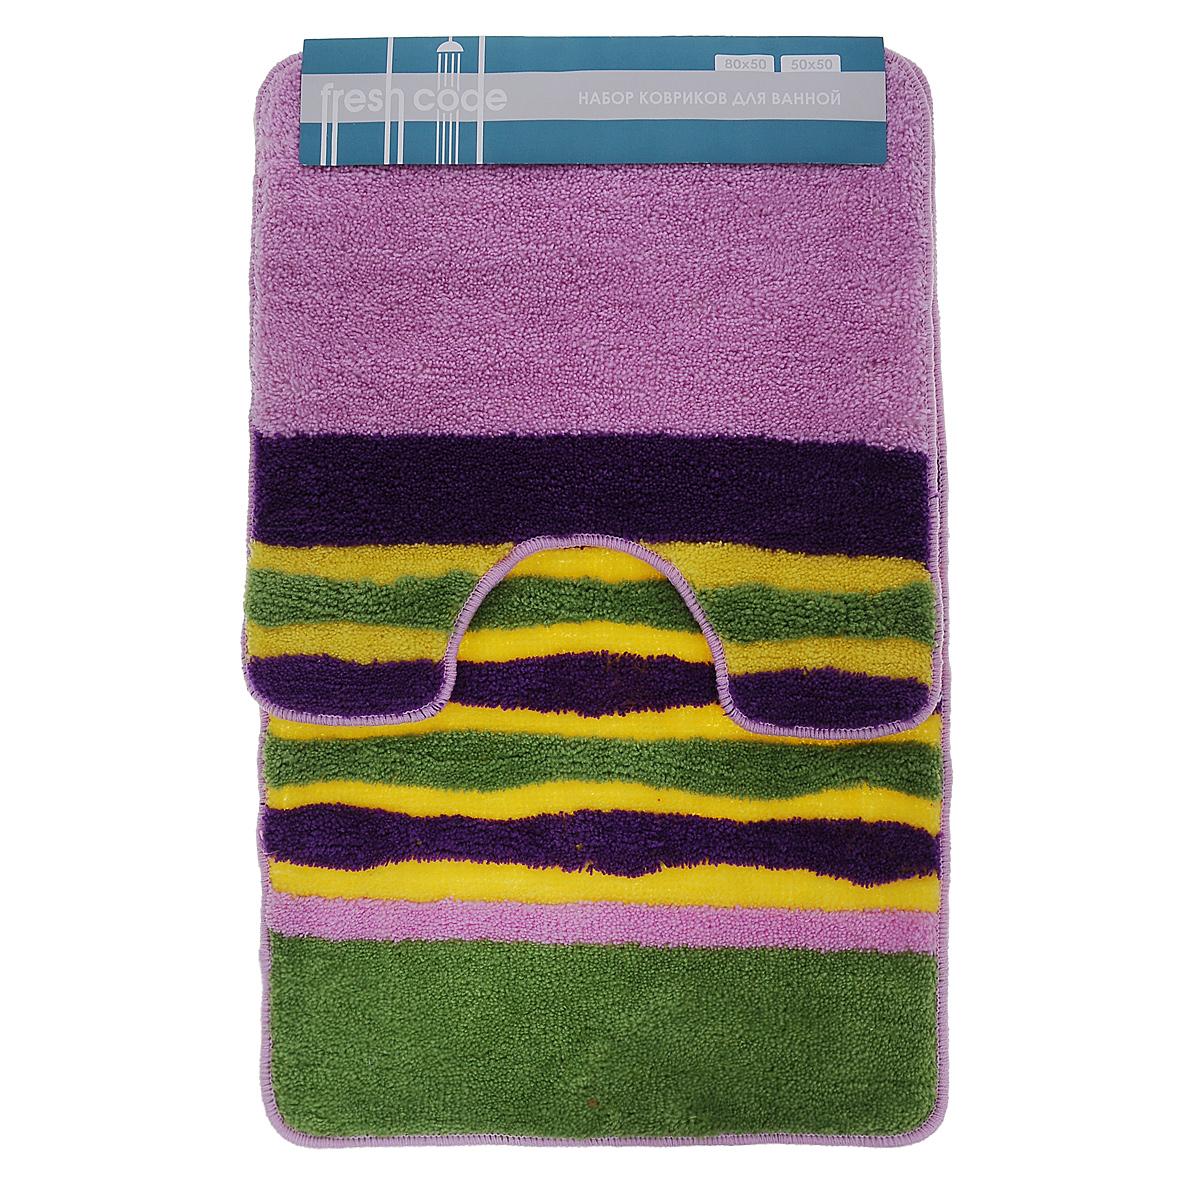 Комплект ковриков для ванной Fresh Code, цвет: салатовый, сиреневый, фиолетовый, 2 предмета55010_салатовый, сиреневый, фиолетовыйКомплект Fresh Code состоит из коврика для ванной комнаты и туалета. Коврики изготовлены из акрила. Это экологически чистый, быстросохнущий, мягкий и износостойкий материал. Красители устойчивы, поэтому коврики не потускнеют даже после многократных стирок. Благодаря латексной основе коврики не скользят на полу. Края изделий обработаны оверлоком. Набор для ванной Fresh Code подарит ощущение тепла и комфорта, а также привнесет уют в вашу ванную комнату. Высота ворса: 1 см. Размер коврика для ванной комнаты: 80 см х 50 см. Размер коврика для туалета: 50 см х 50 см.